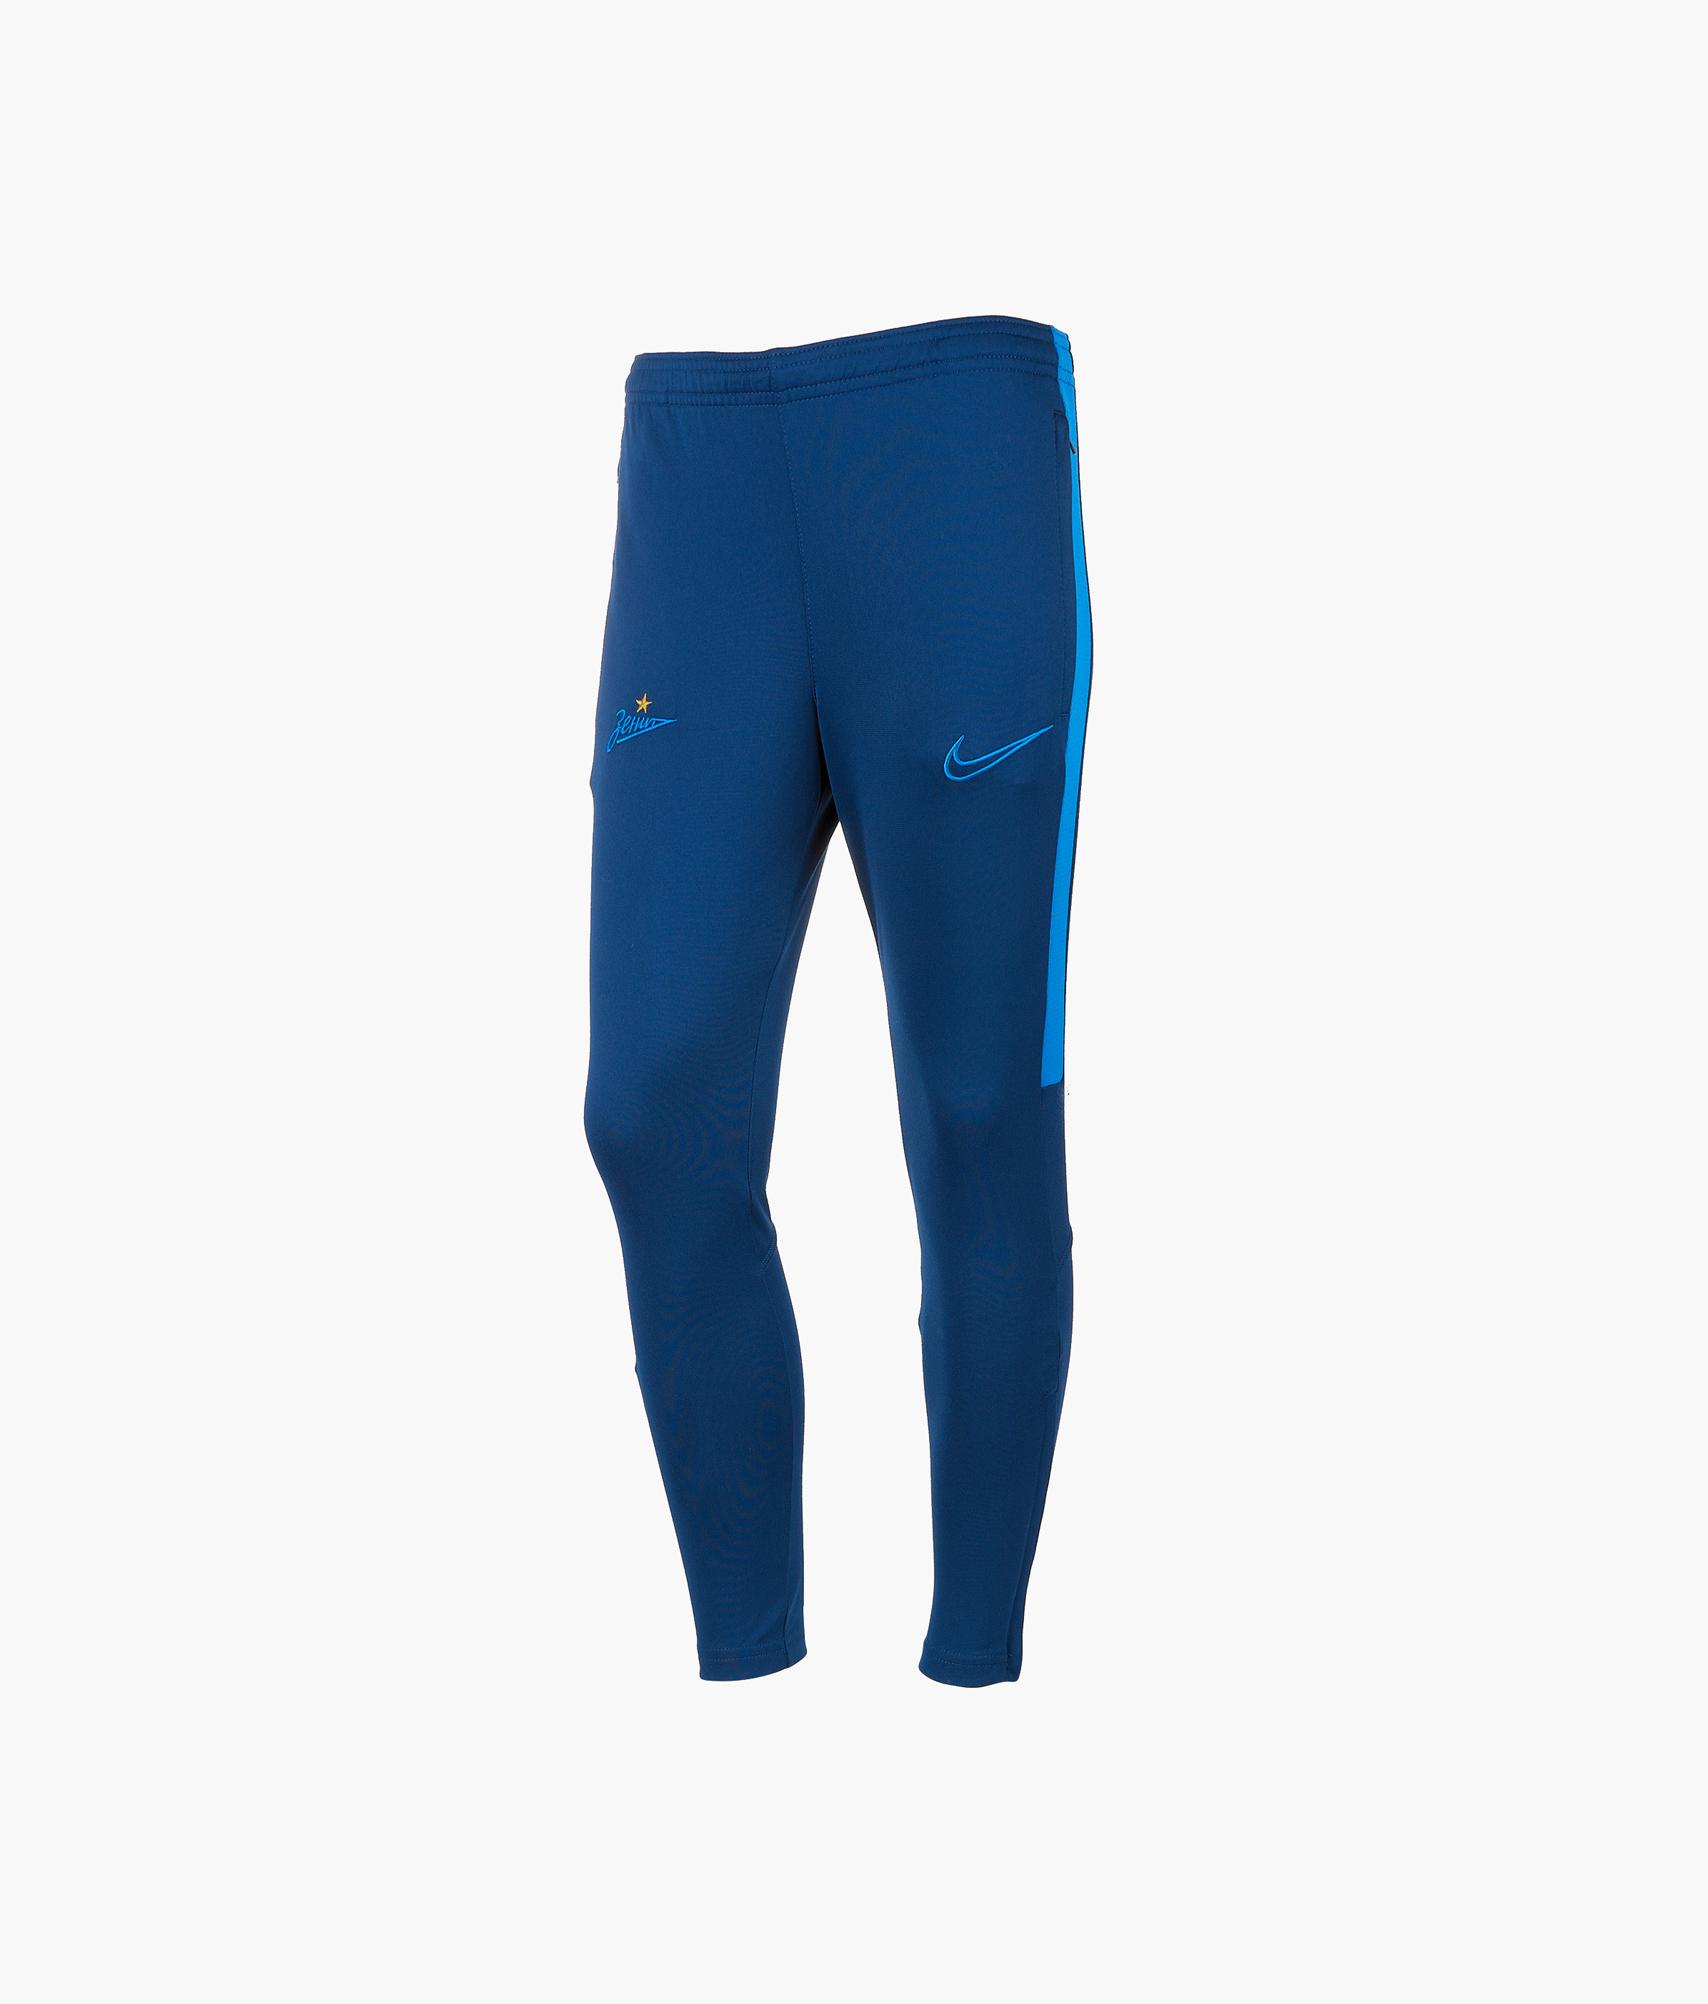 Брюки тренировочные подростковые Nike Nike Цвет-Синий брюки тренировочные nike сборной бразилии 893122 454